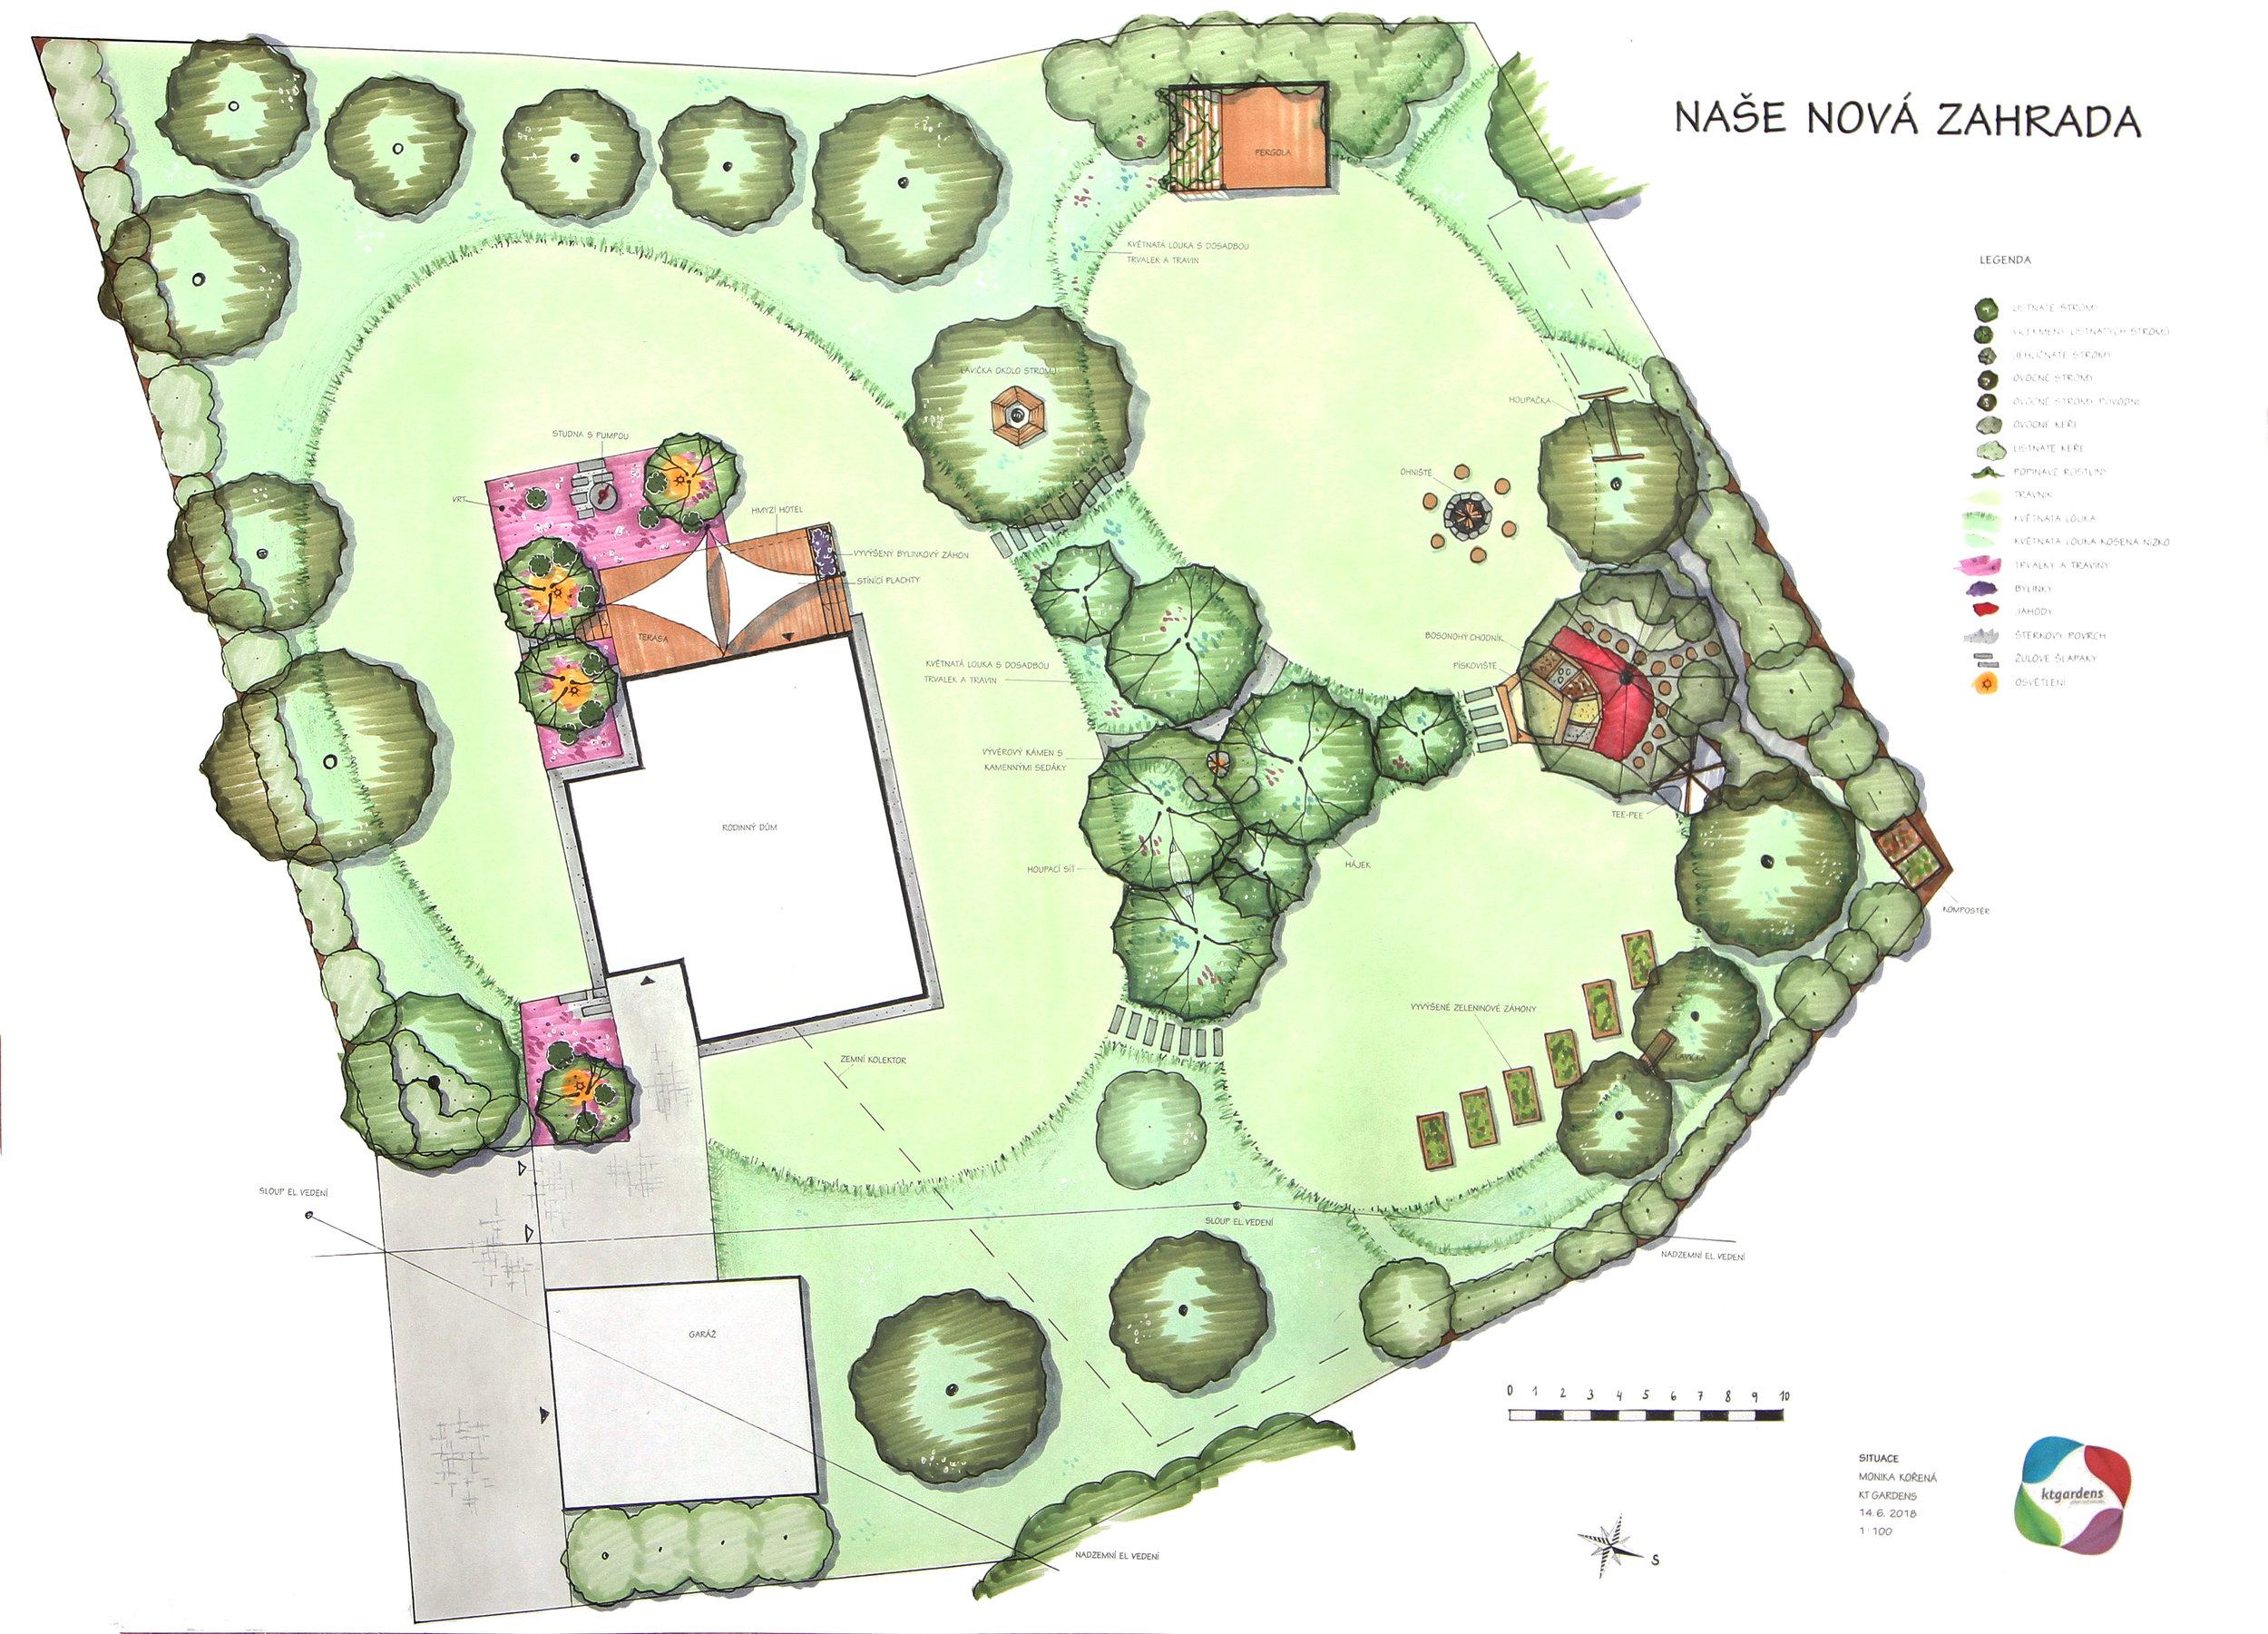 Návrh zahrady v Oldřichovicích, moderní venkovská zahrada, přírodní zahrada, rodinná zahrada, KTgardens